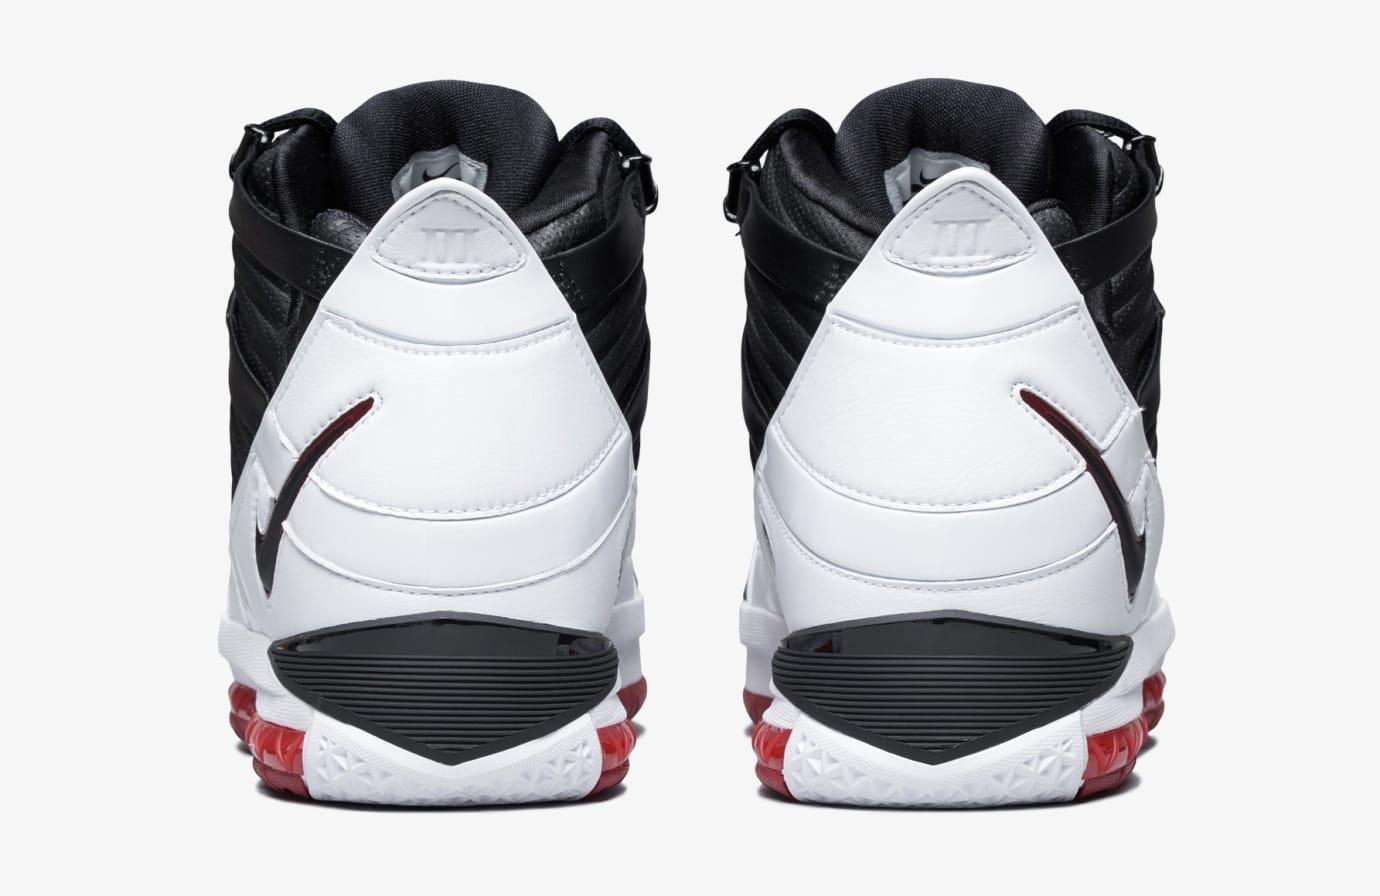 Nike Zoom LeBron 3 2019 'Home' Heel